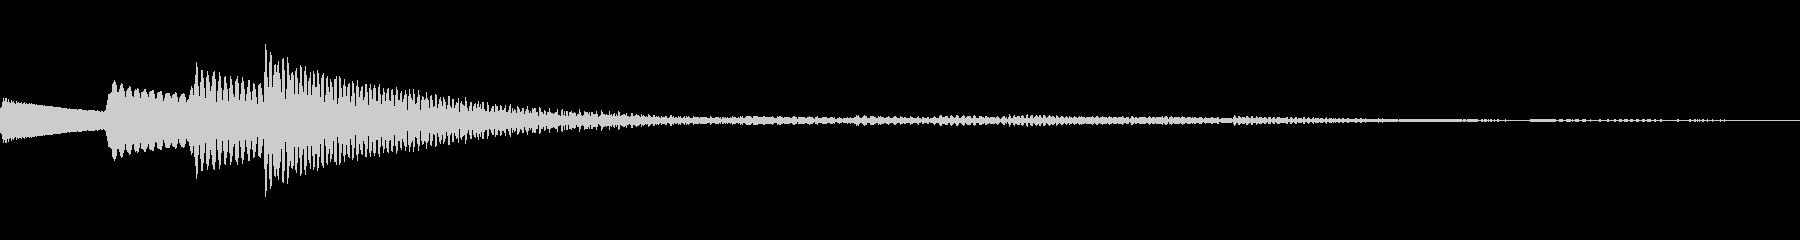 ティロリン♪(決定系ボタン音)の未再生の波形